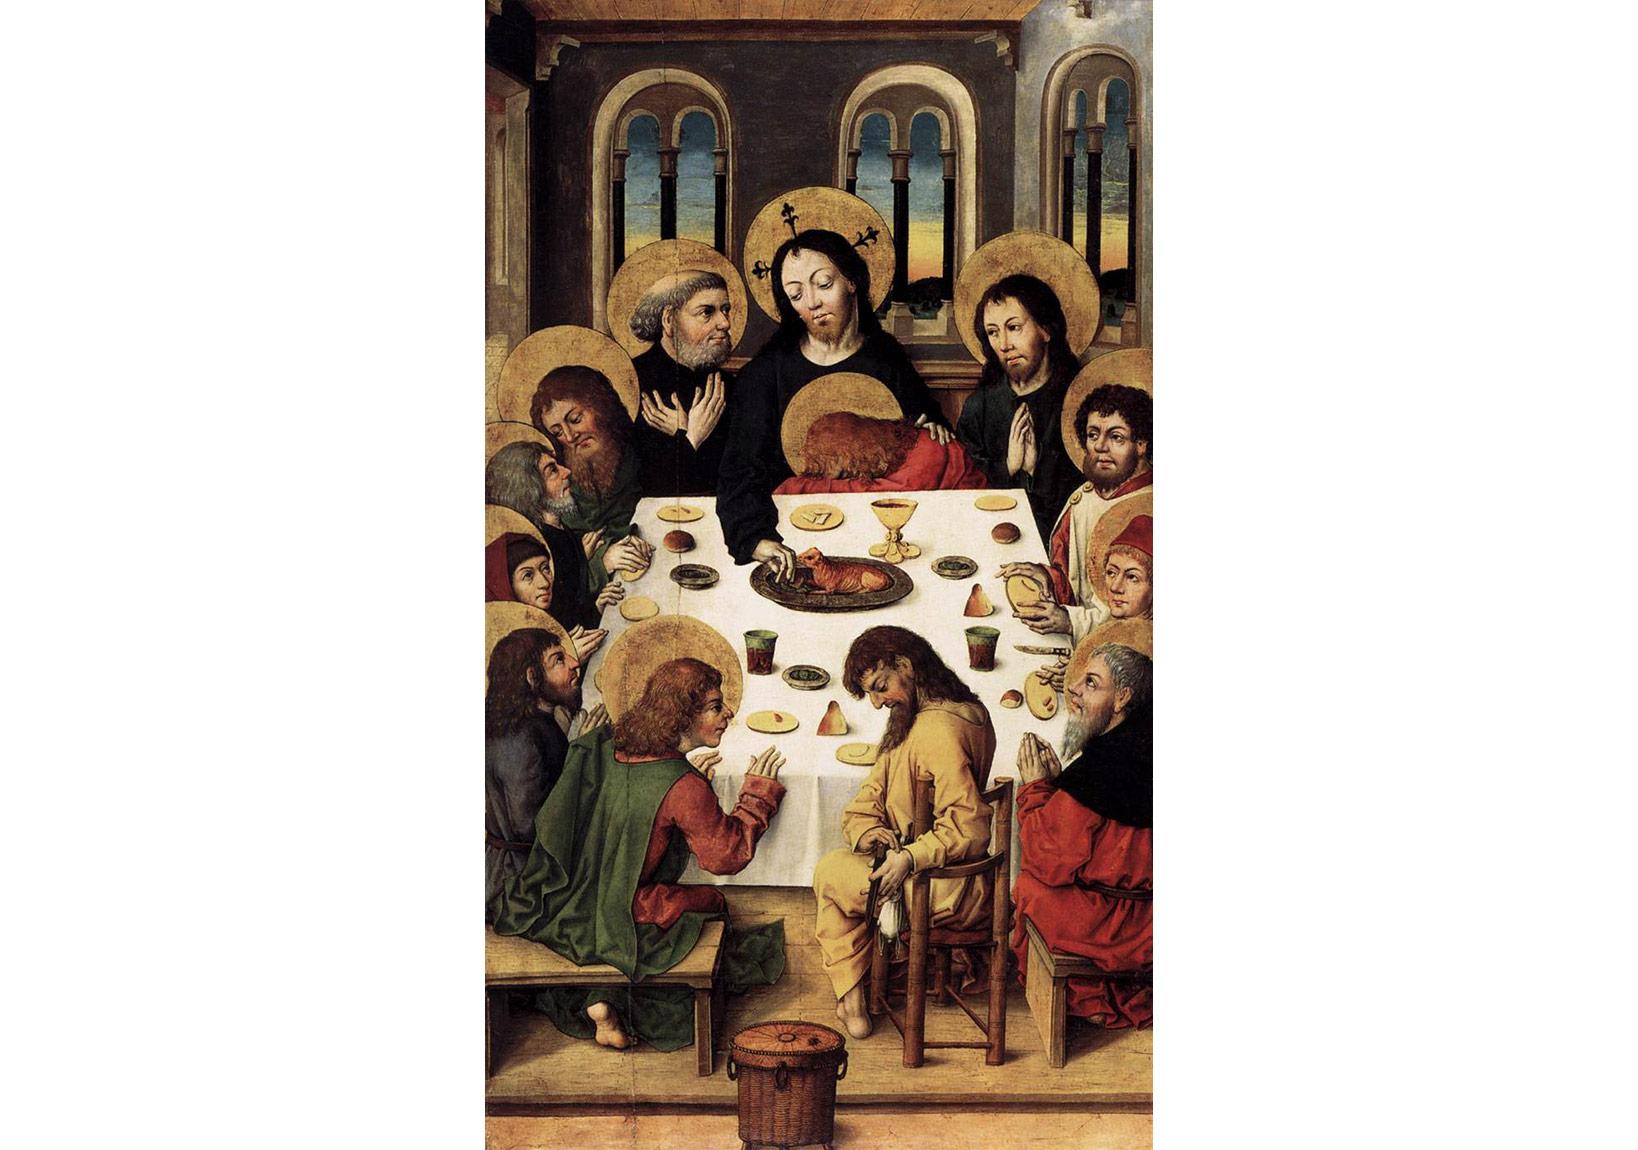 Kitap Ustaları (anonim),Son Akşam Yemeği,1475-80, meşe panel üzerine tempera, 131 x 76 cm Staatliche Museen, Berlin